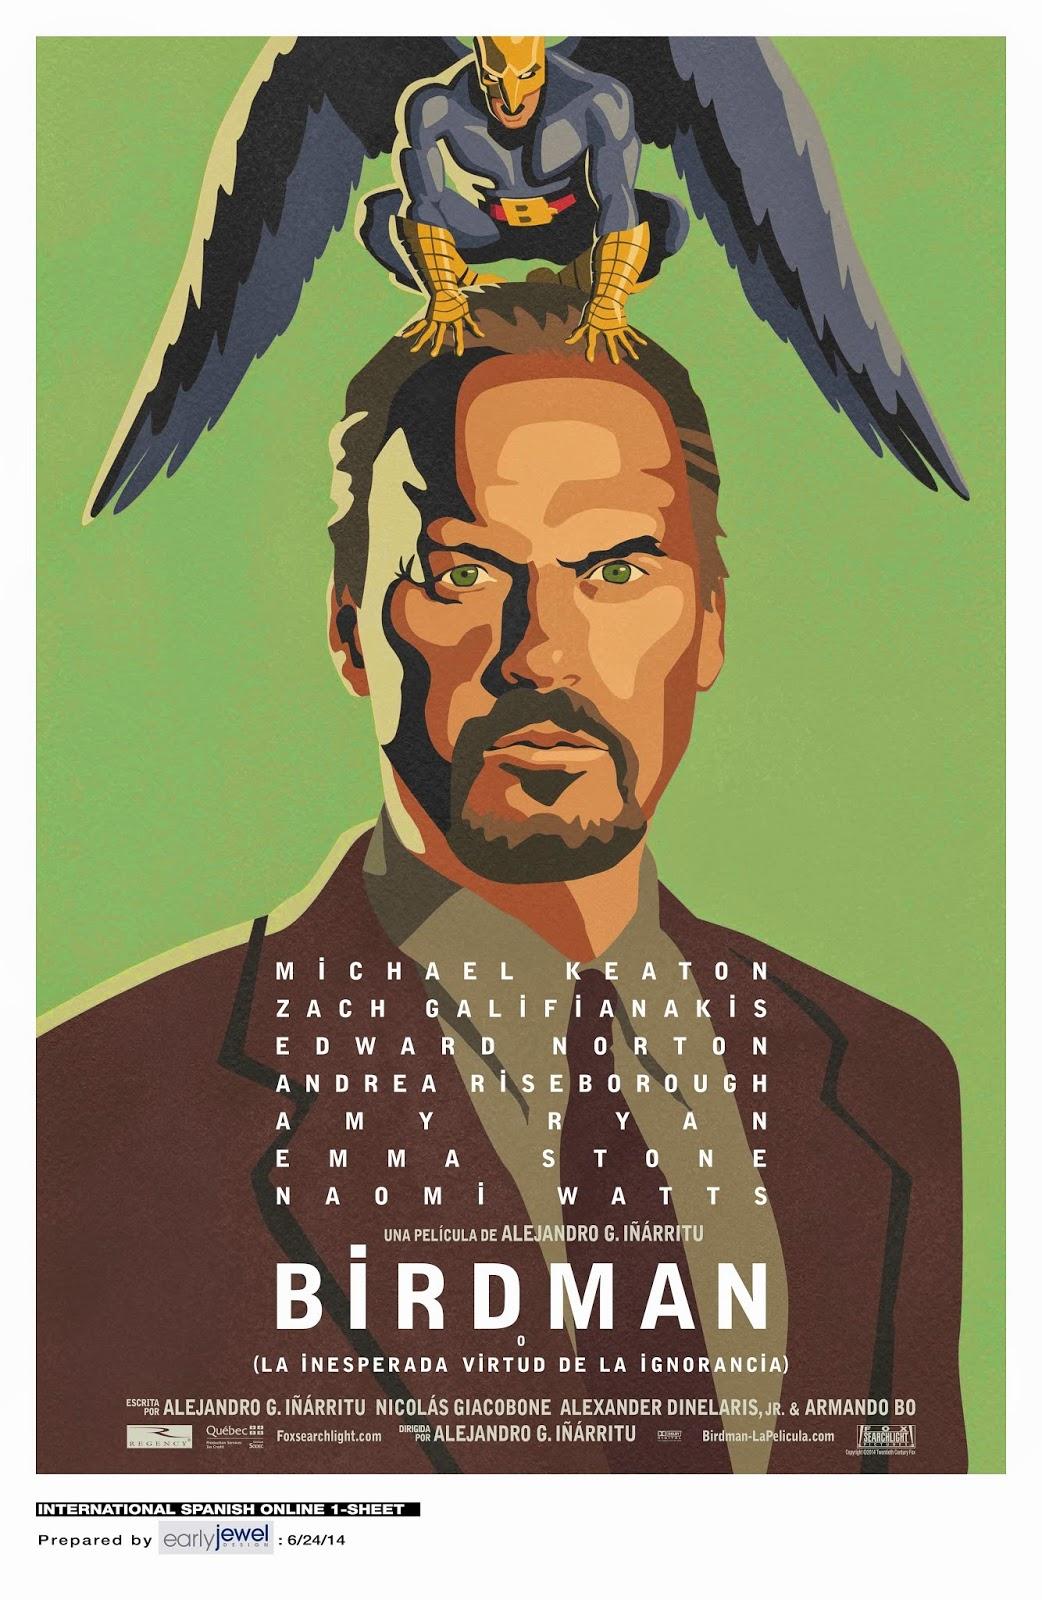 Crítica Daquele Filme: Birdman ou (A Inesperada Virtude da Ignorância)